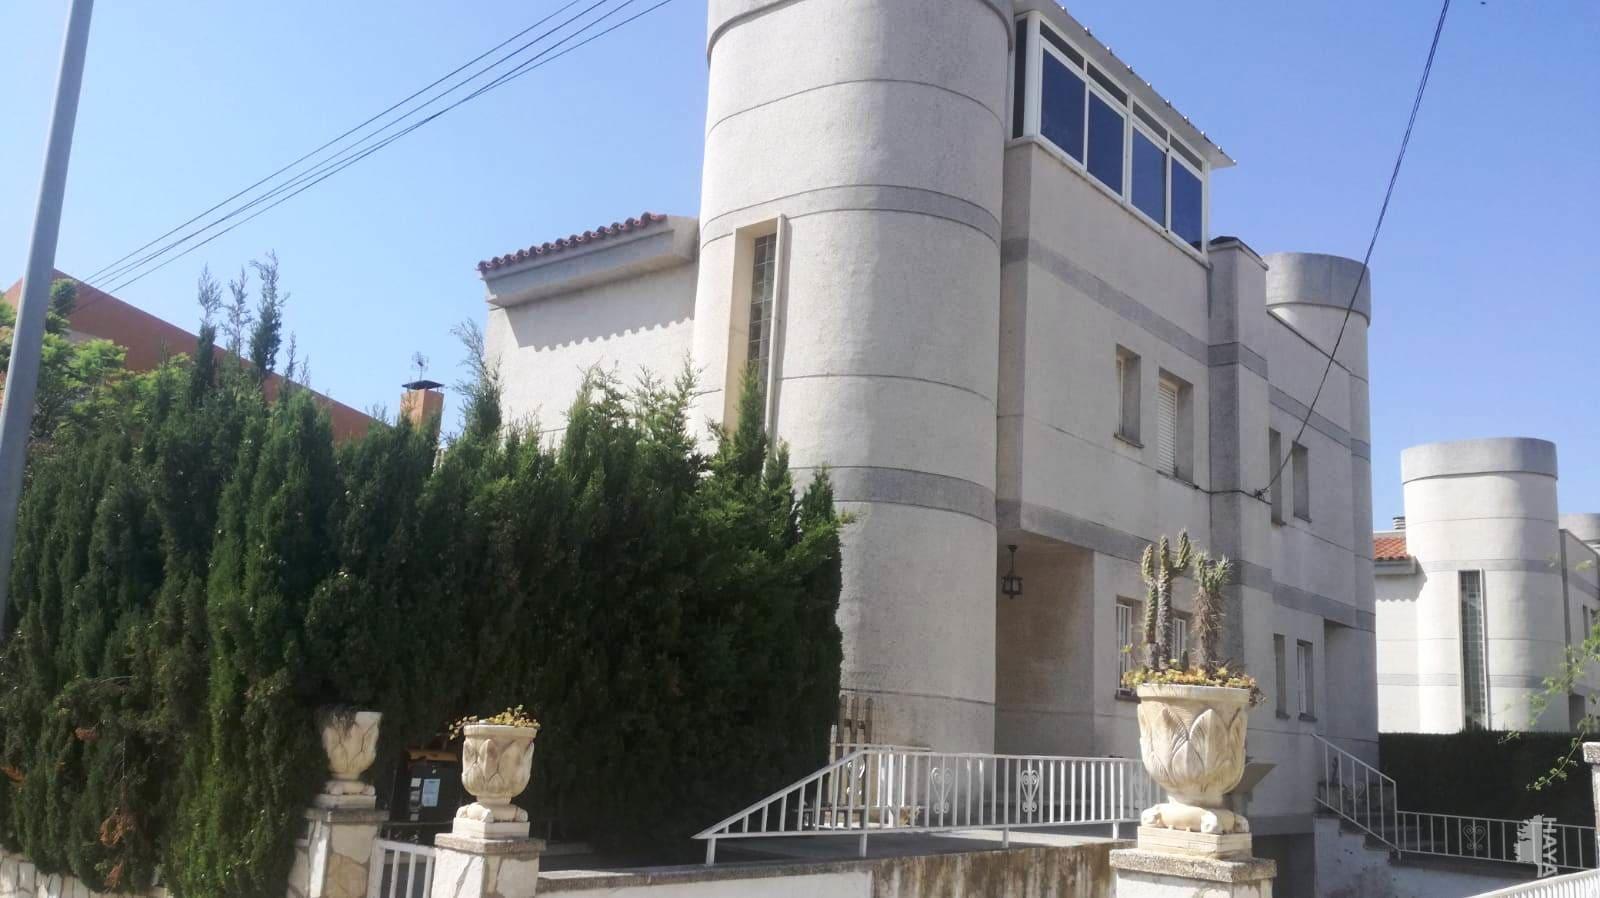 Casa en venta en Cambrils, Tarragona, Calle Cesar Martinell, 236.565 €, 4 habitaciones, 2 baños, 144 m2